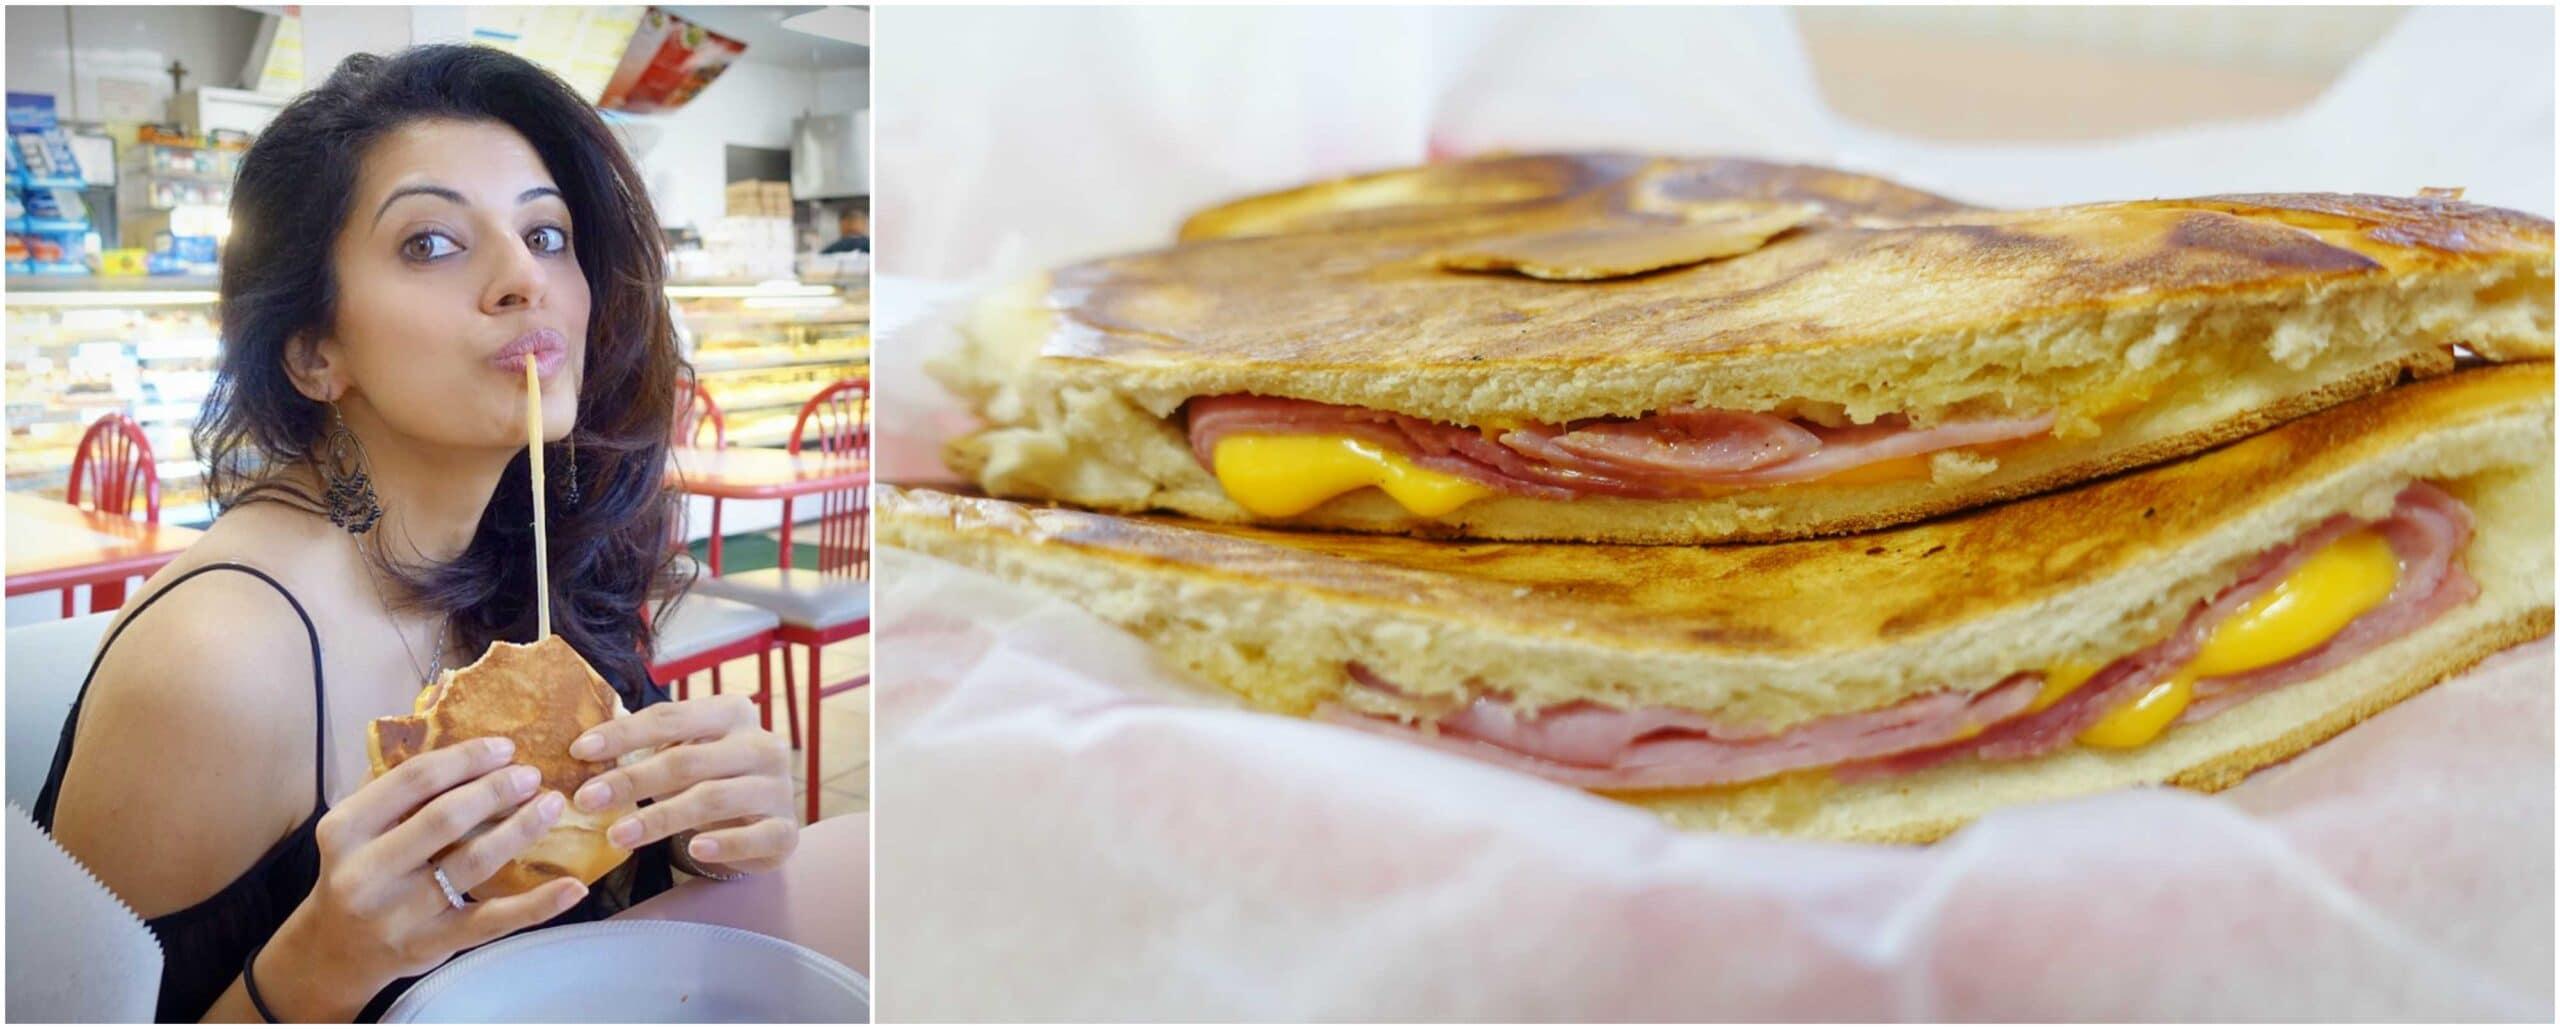 Ham & Cheese Sandwich - La Familia Bakery 2, Rio Grande, Puerto Rico